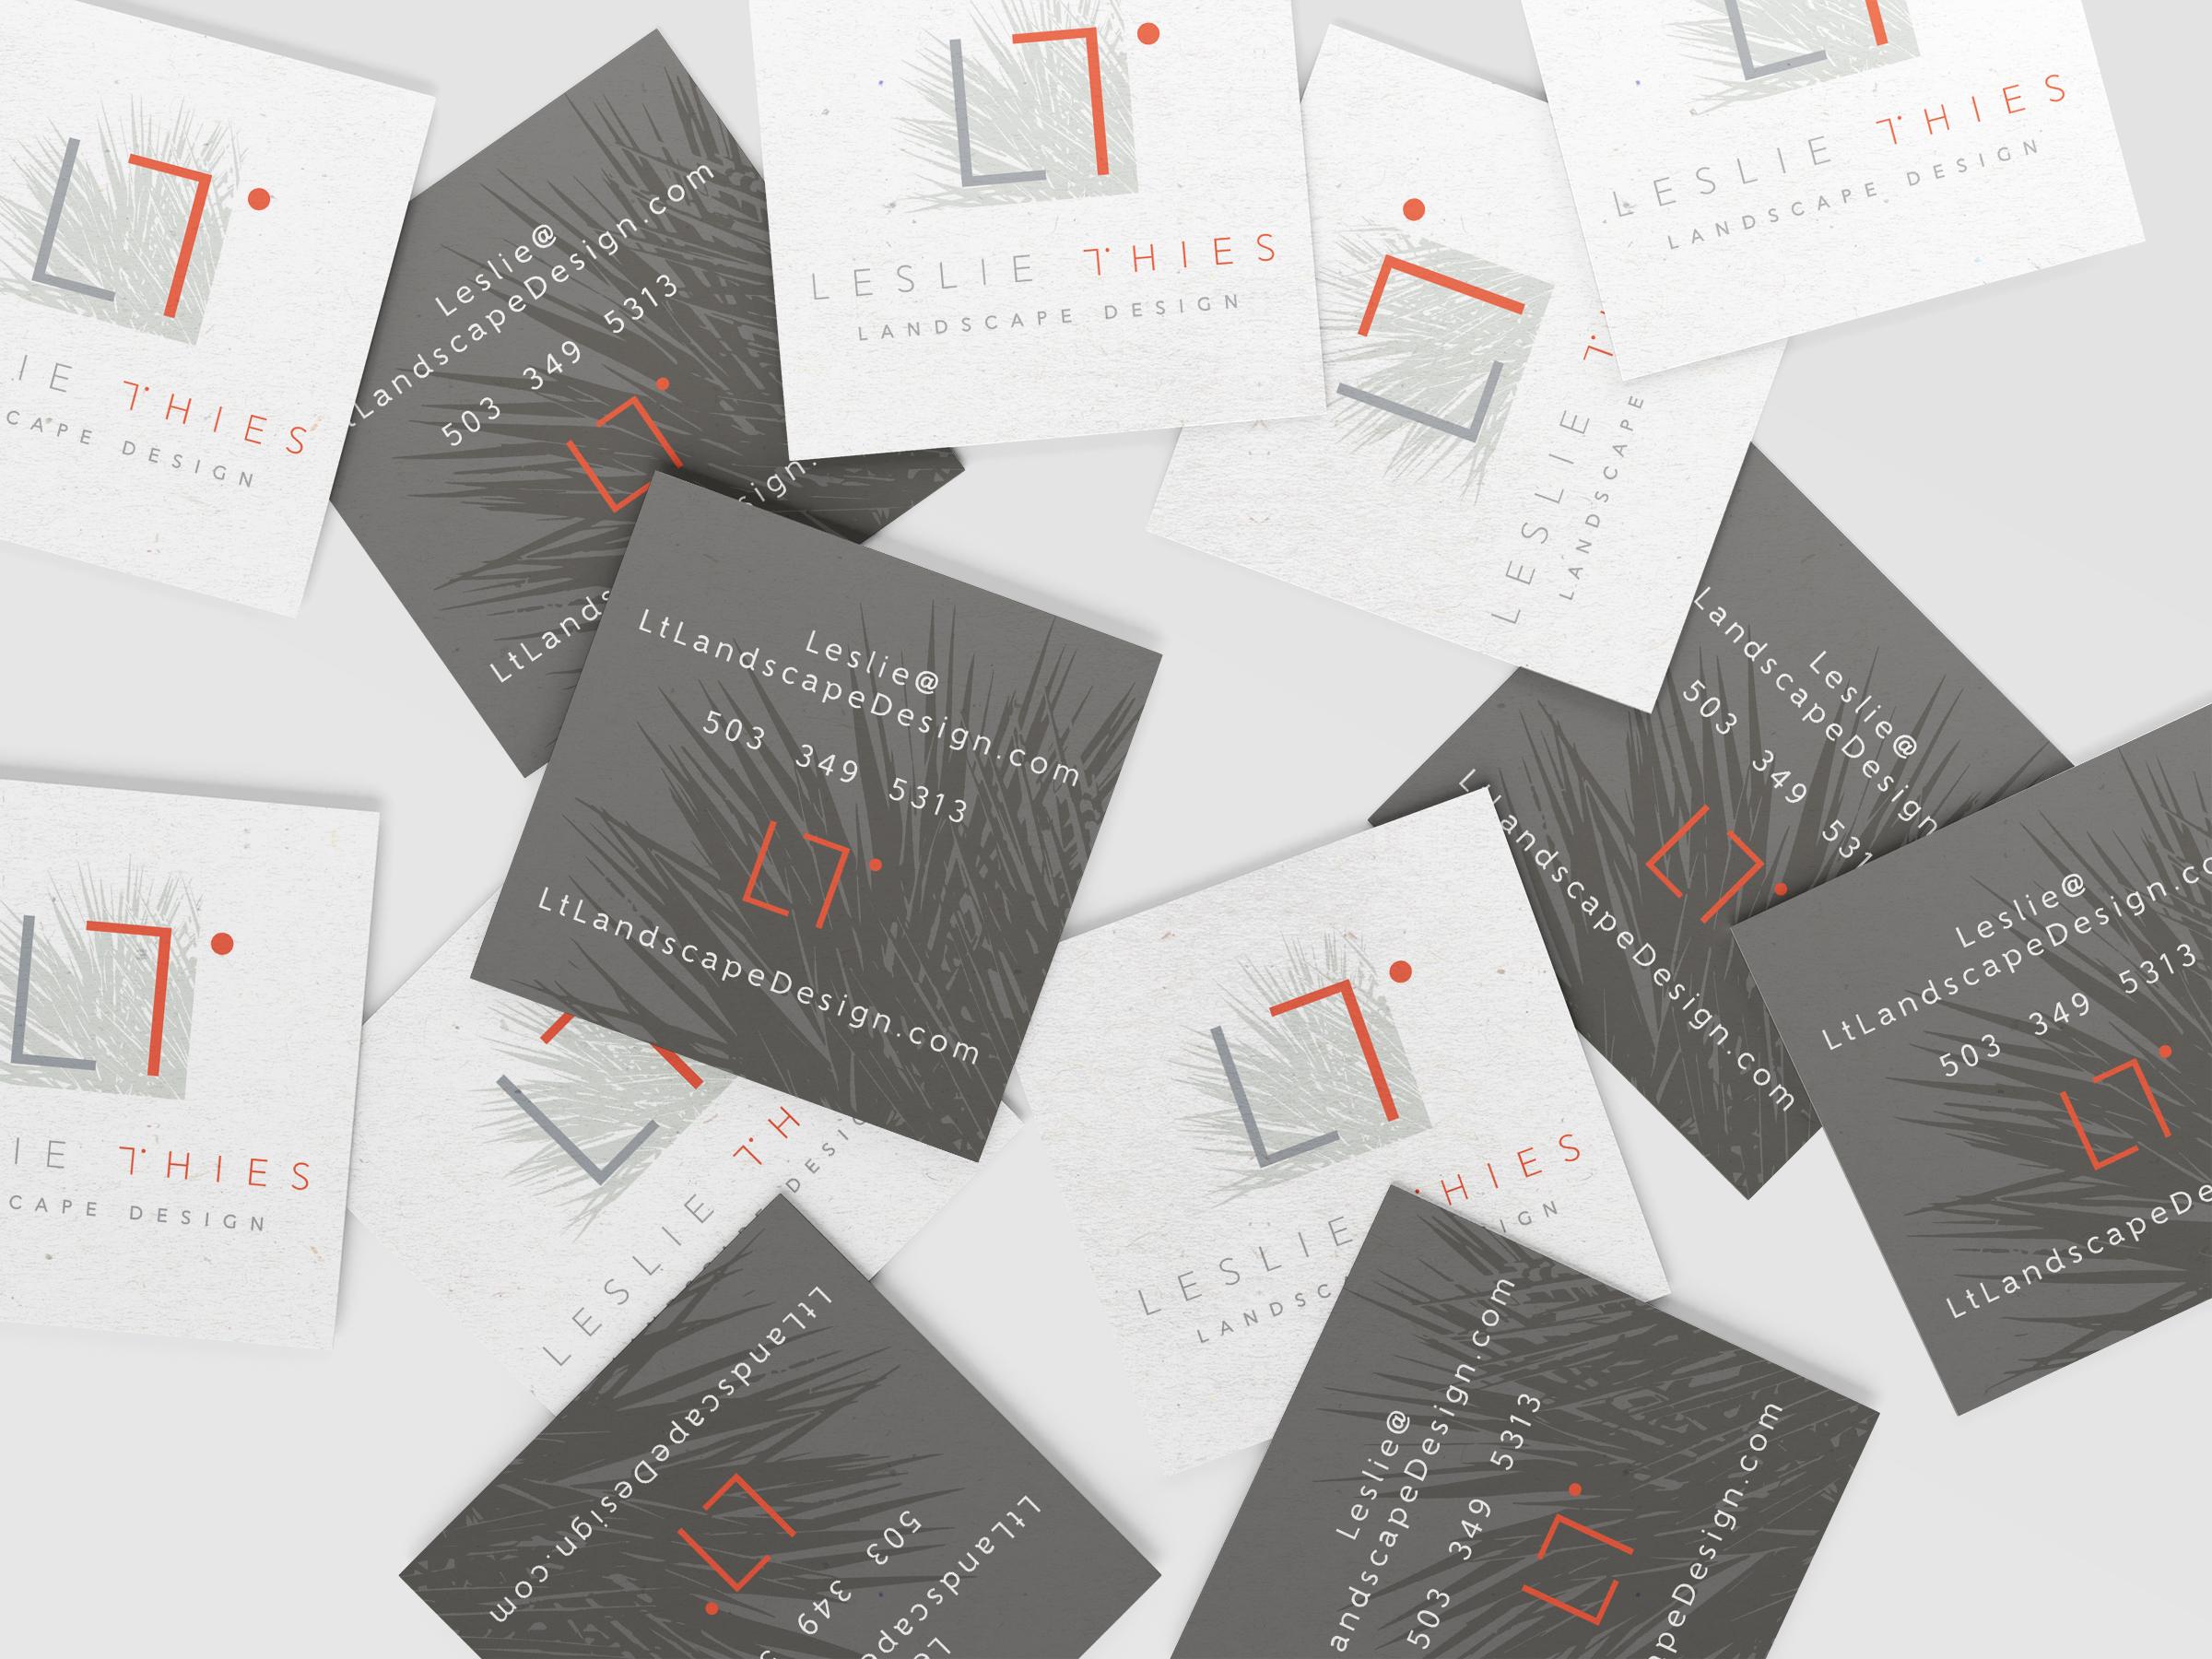 Leslie Thies Landscape Design business card design